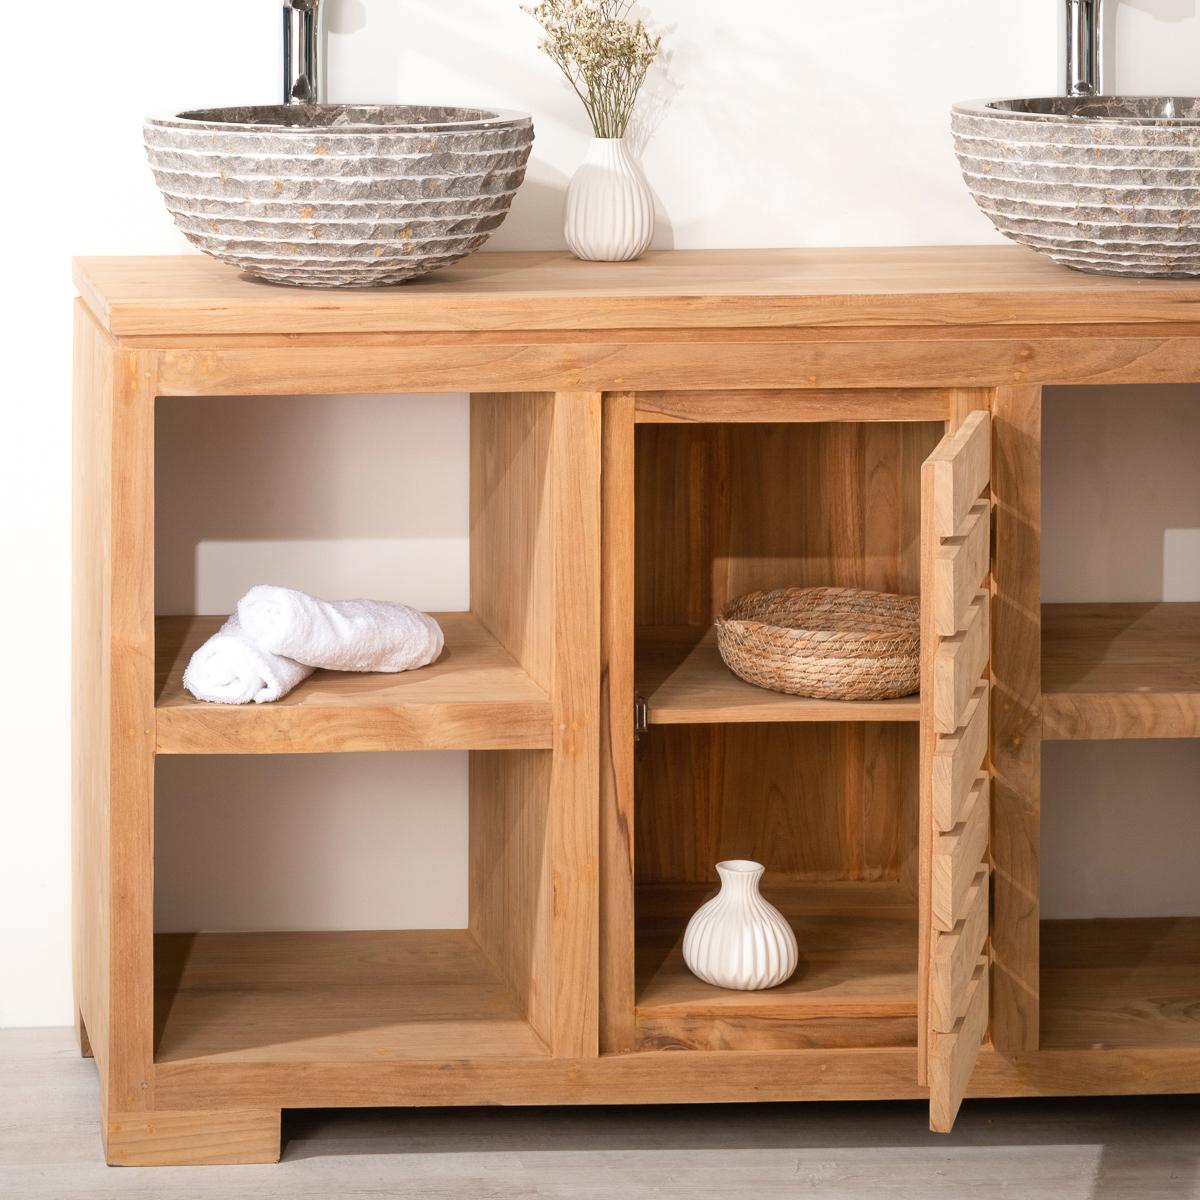 Meuble sous vasque double vasque en bois teck massif for Dimension meuble sdb